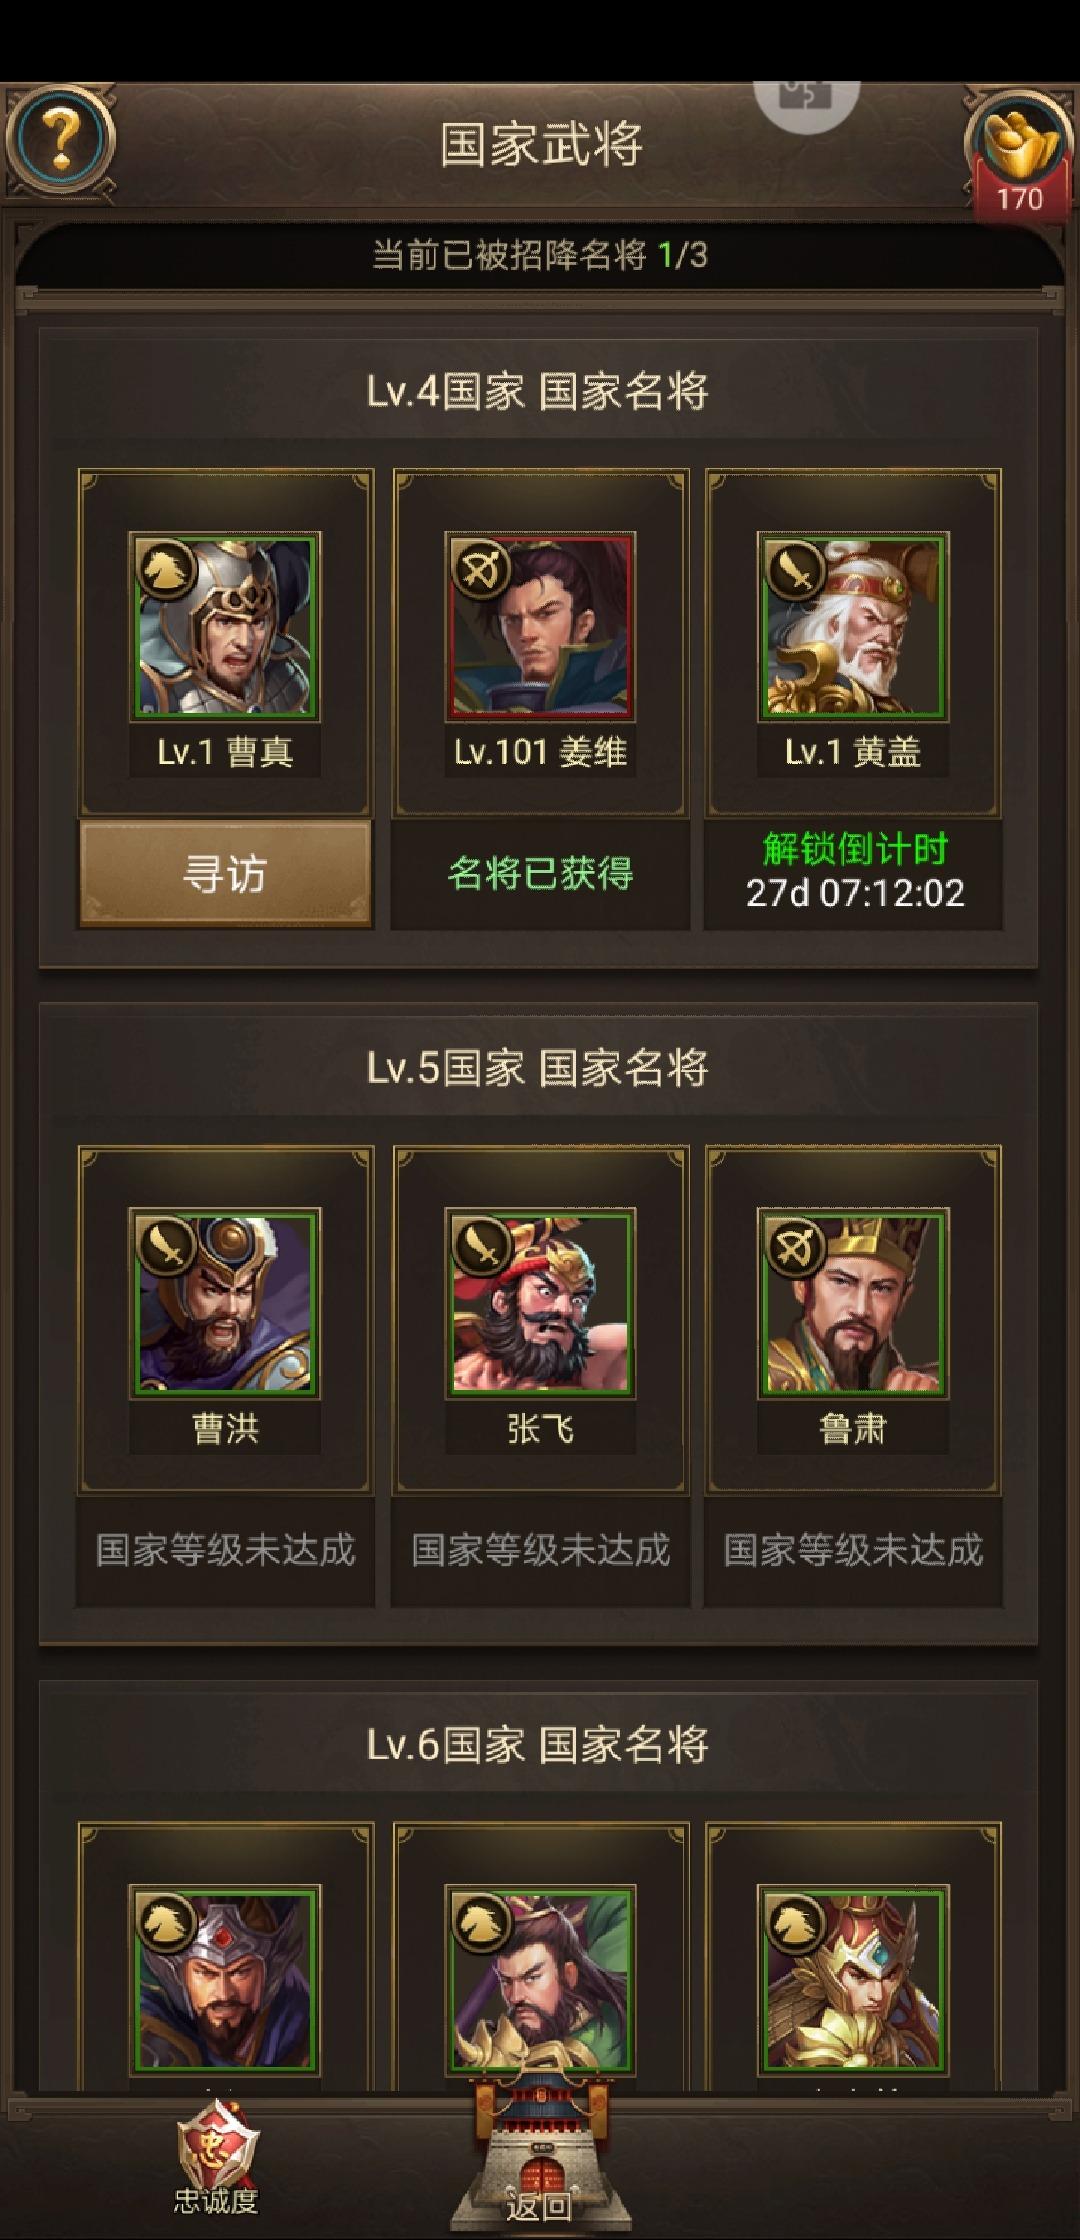 Screenshot_20191209_165304_juedi.tatuyin.rxsg.huawei.jpg